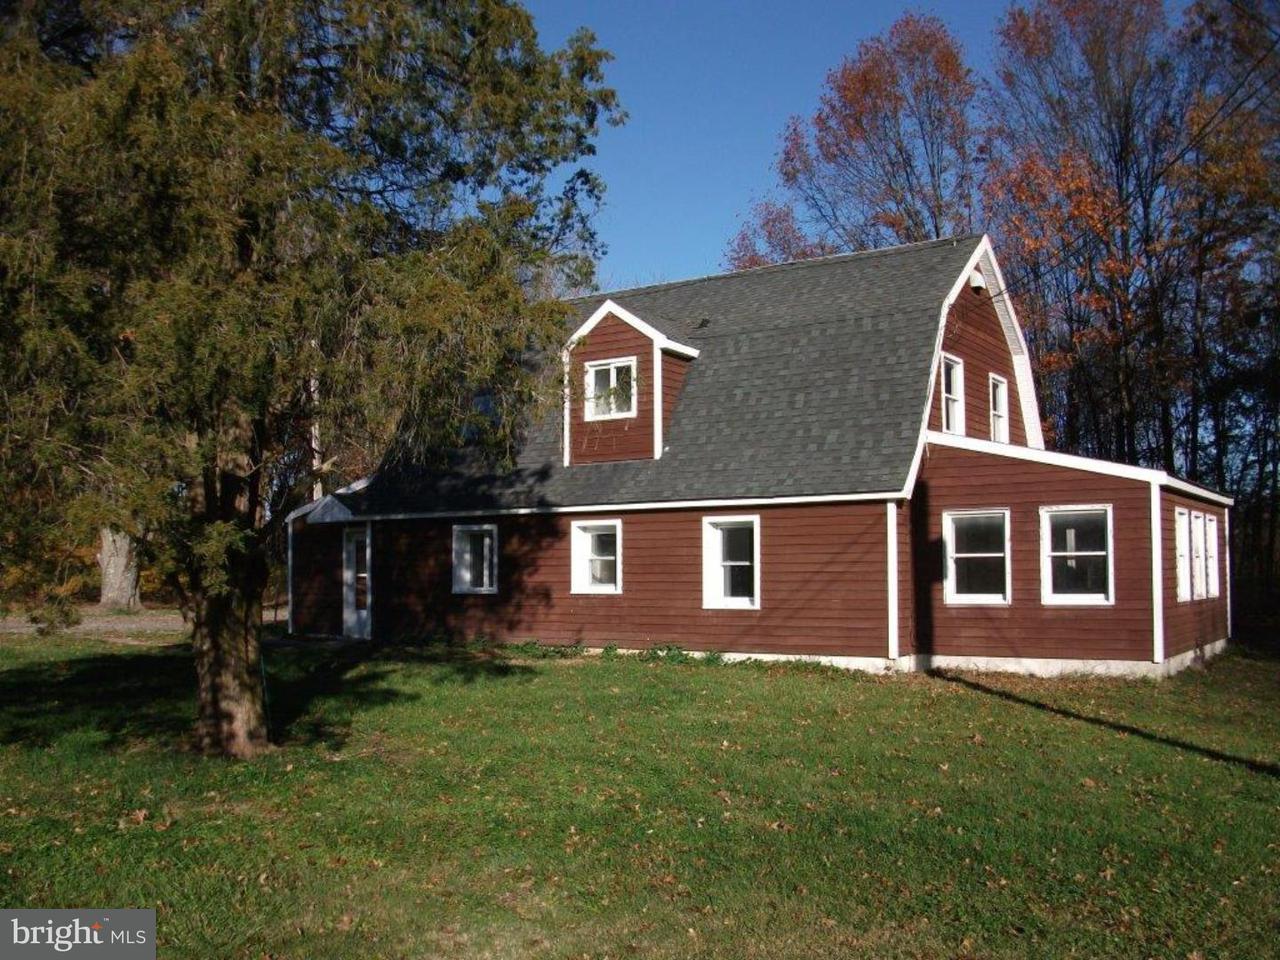 Maison unifamiliale pour l à louer à 389 ROCK RD E Lambertville, New Jersey 08530 États-UnisDans/Autour: West Amwell Township